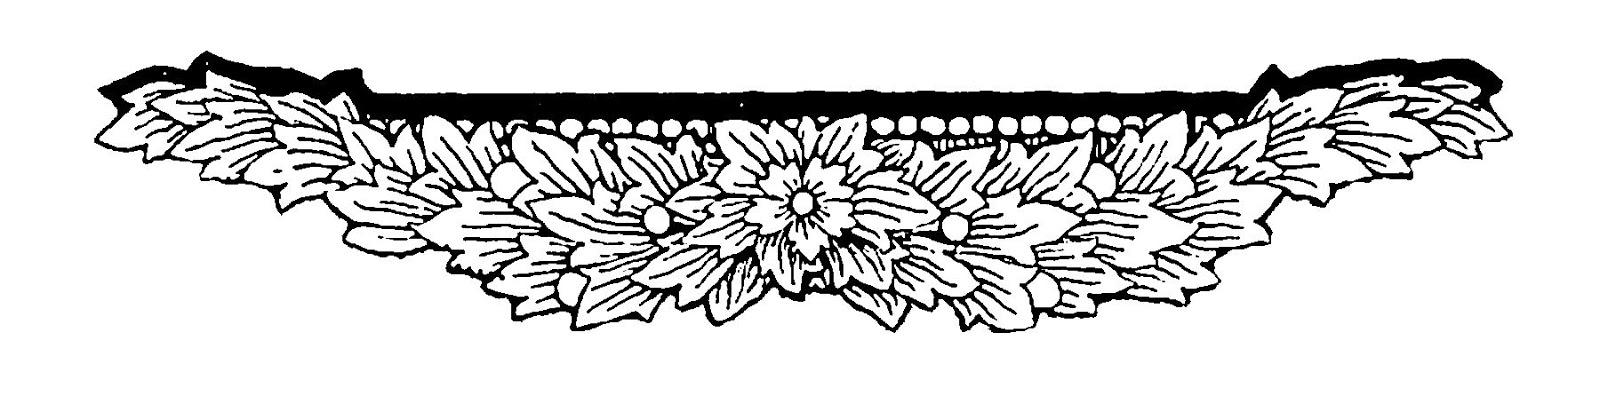 Digital Stamp Design: Floral Swag Stock Border Design.